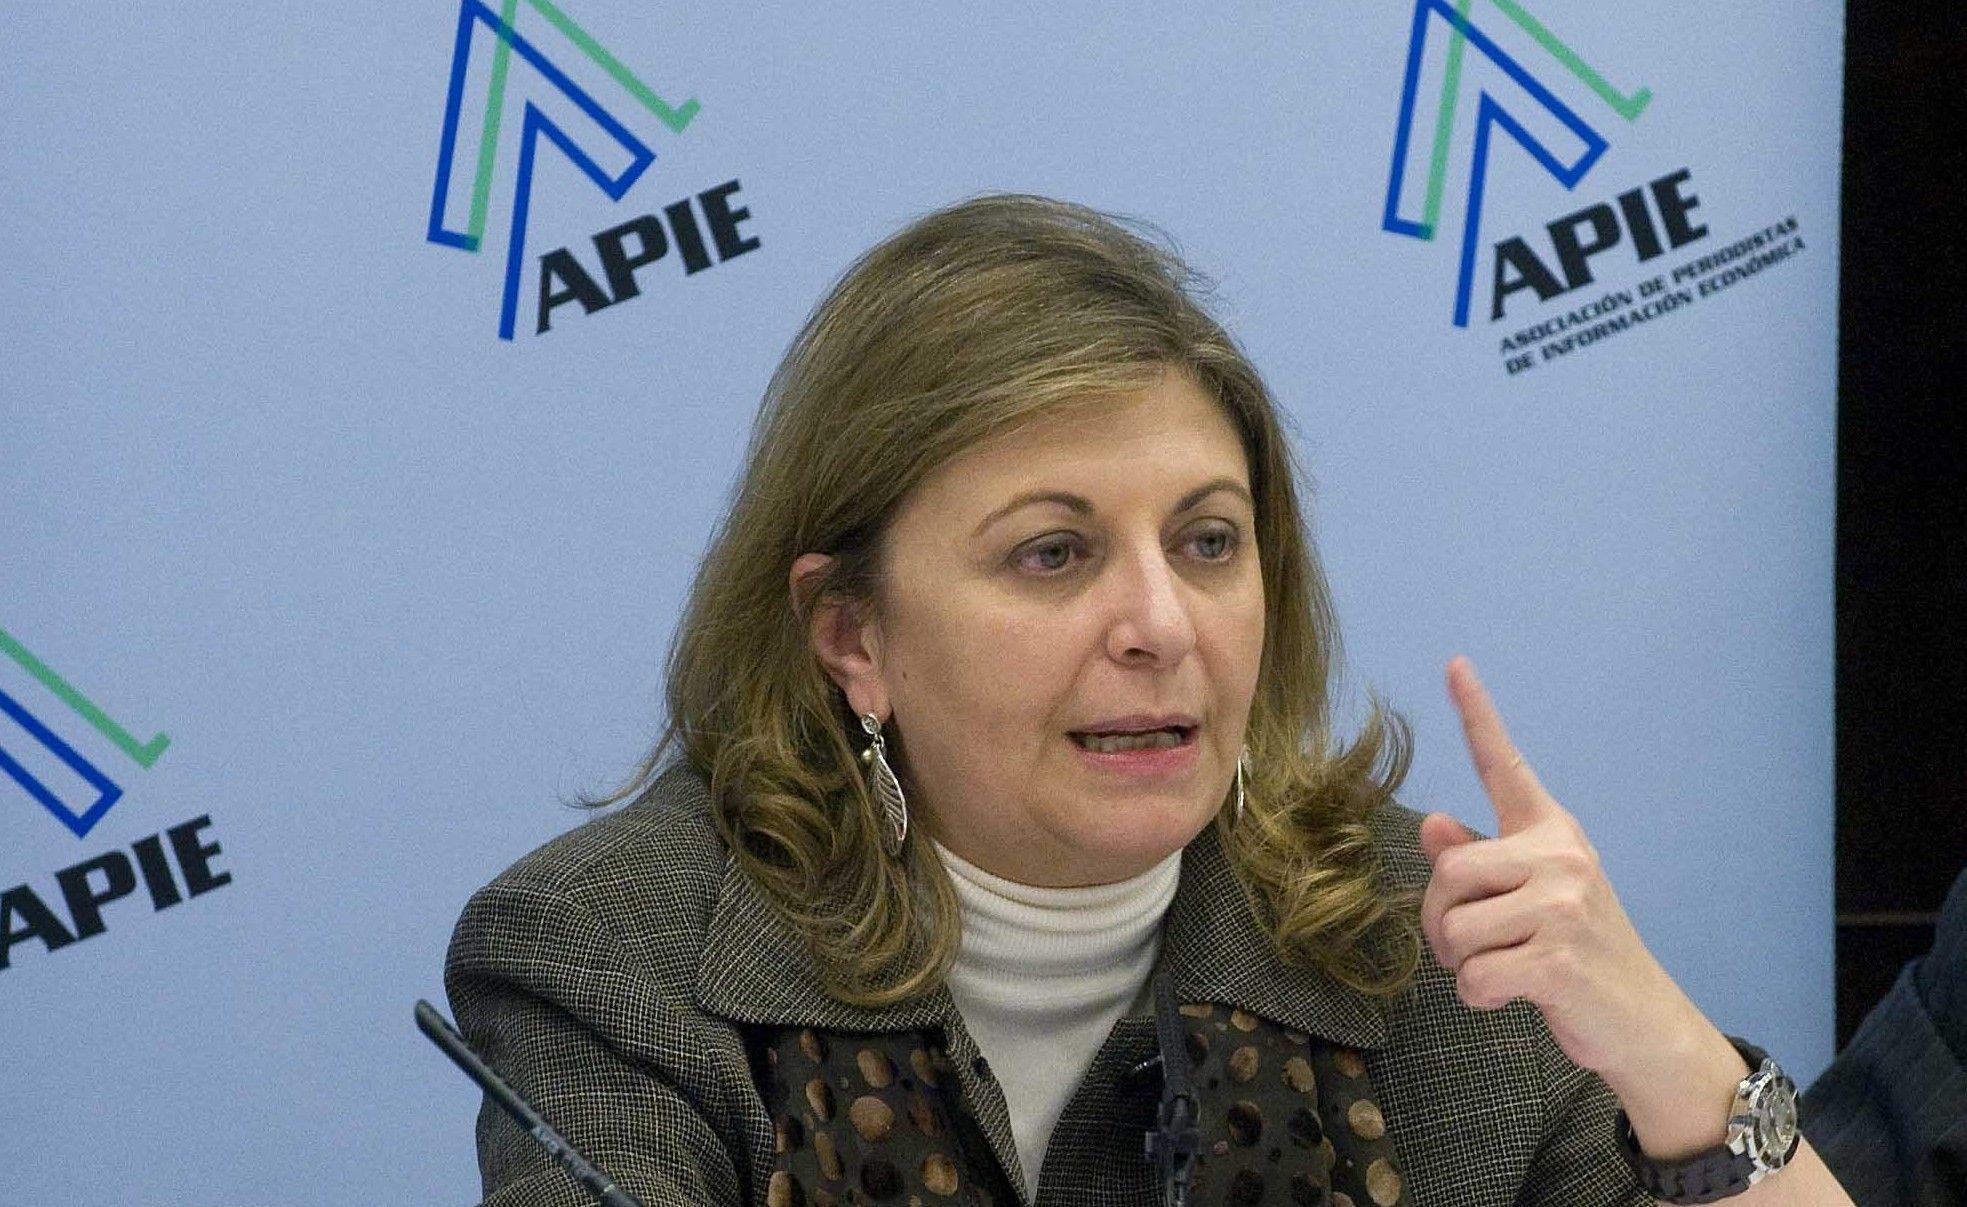 Engracia Hidalgo, Secretaria de Estado de Empleo, durante el almuerzo de prensa que cerró la I Jornada del XXVI Curso de Economía de APIE.